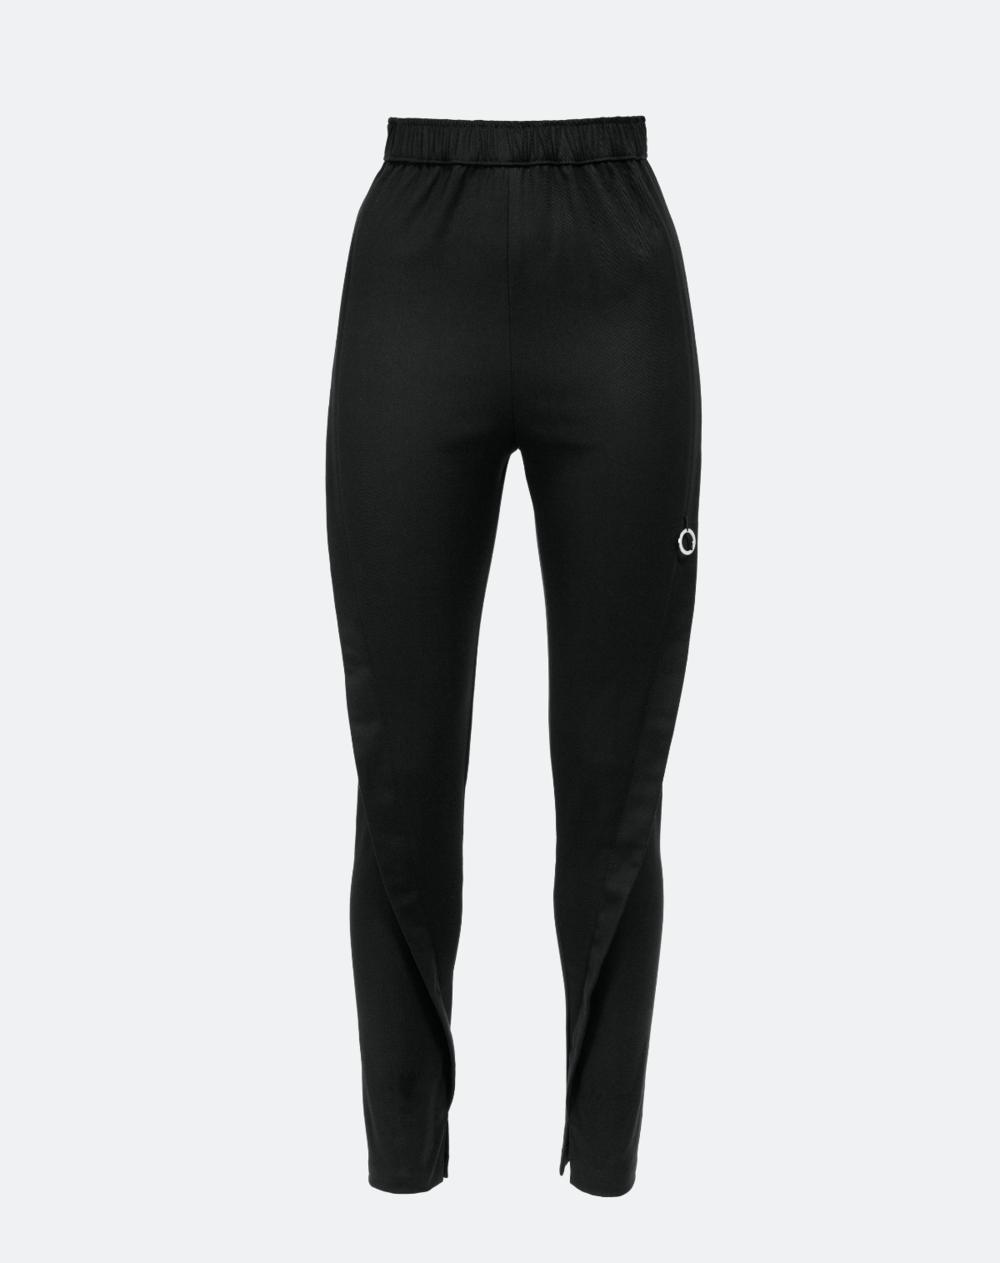 Spodnie Freja z kolekcji Six Essential Pants, projekt Ania Kuczyńska